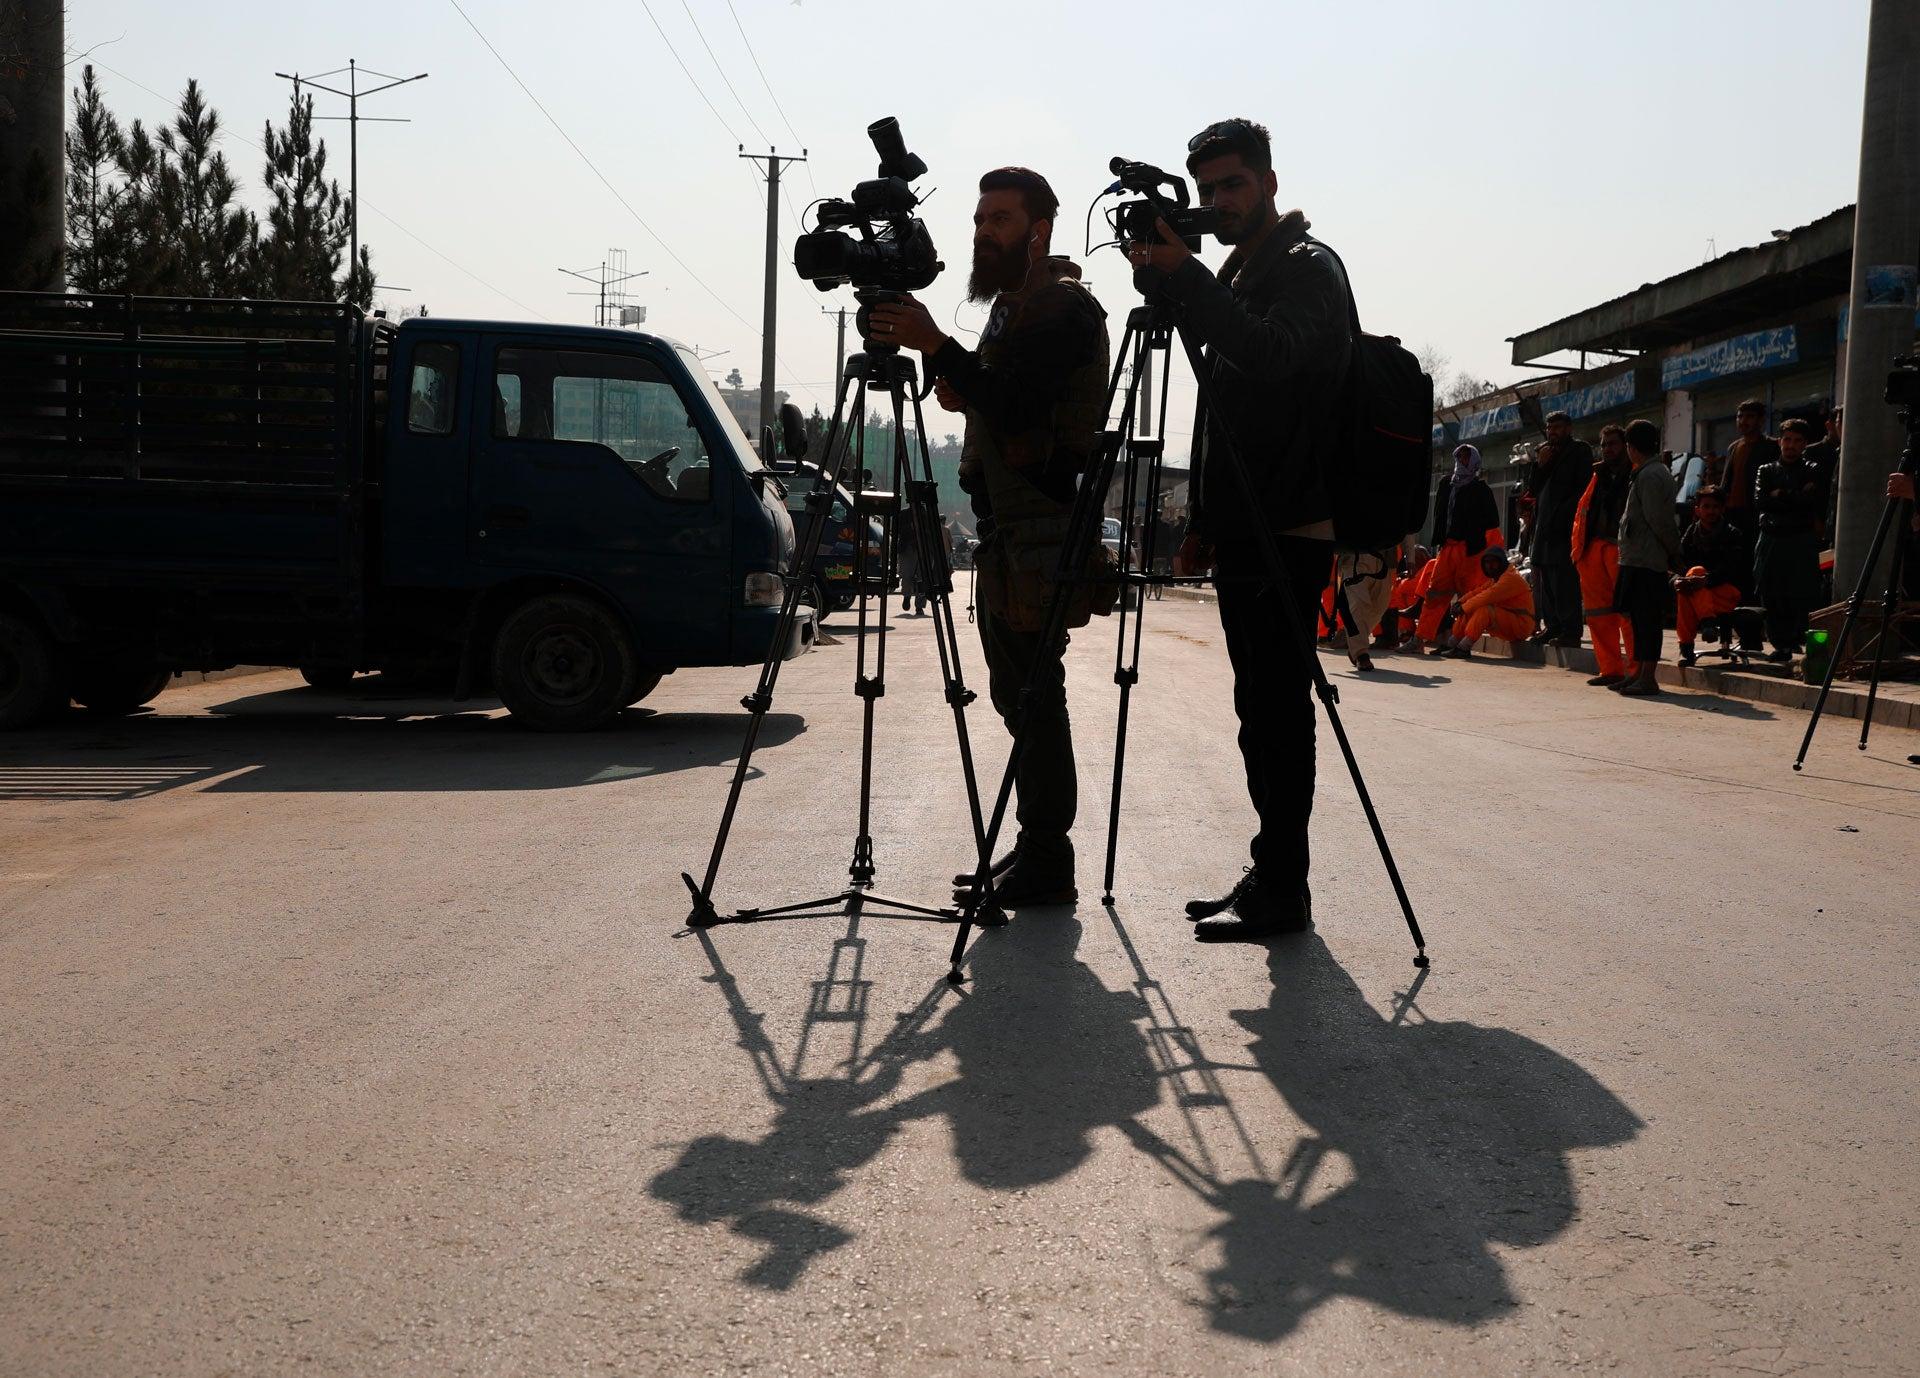 Anglia ia în considerare să le ofere protecție jurnaliștilor afgani care au lucrat pentru publicații britanice